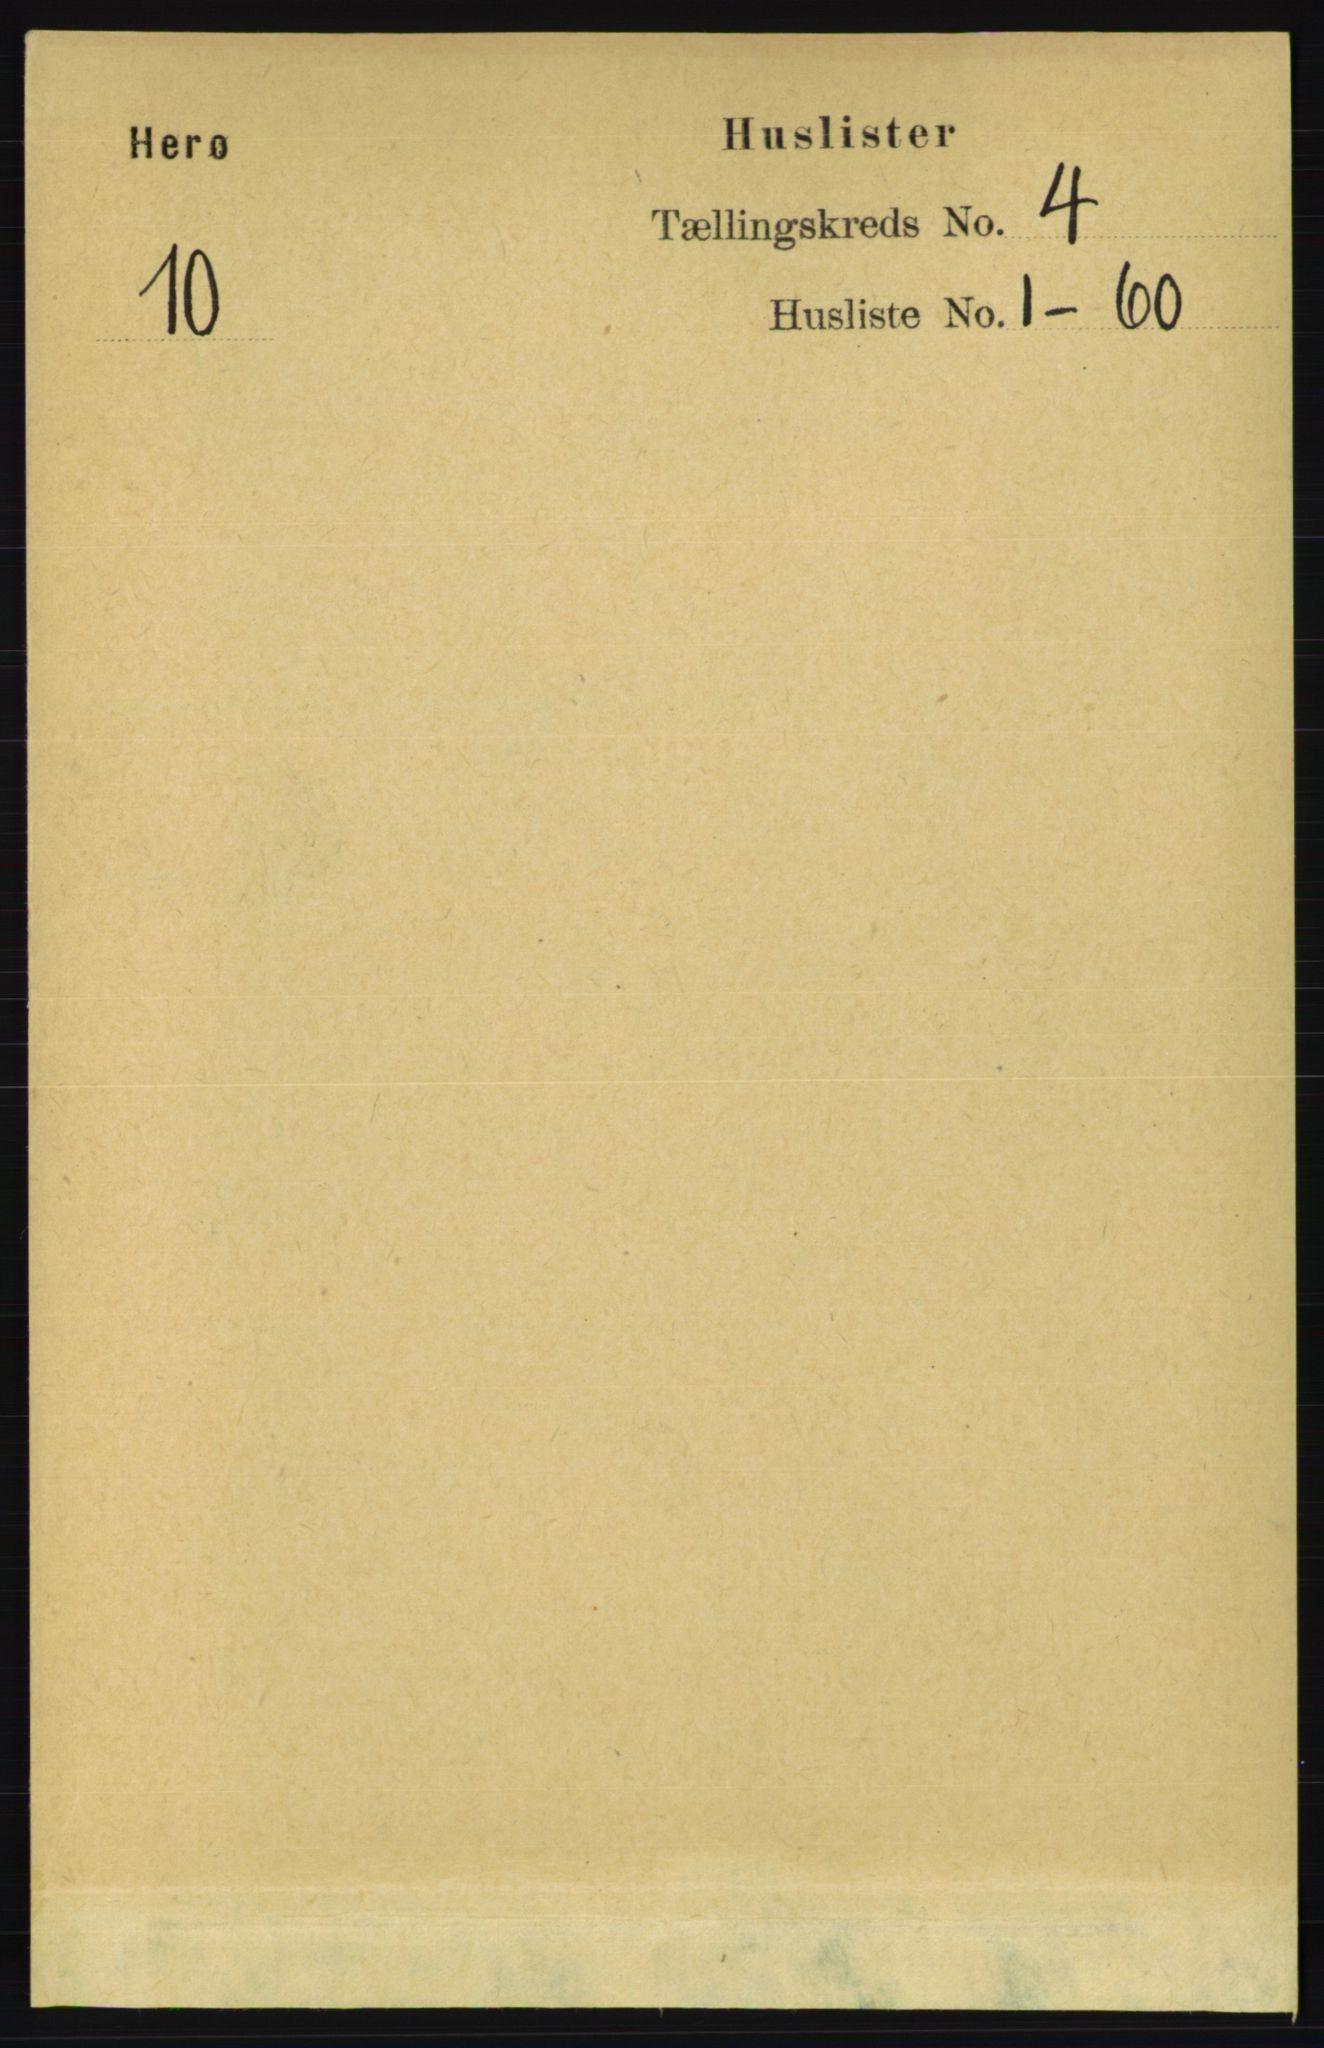 RA, Folketelling 1891 for 1818 Herøy herred, 1891, s. 859